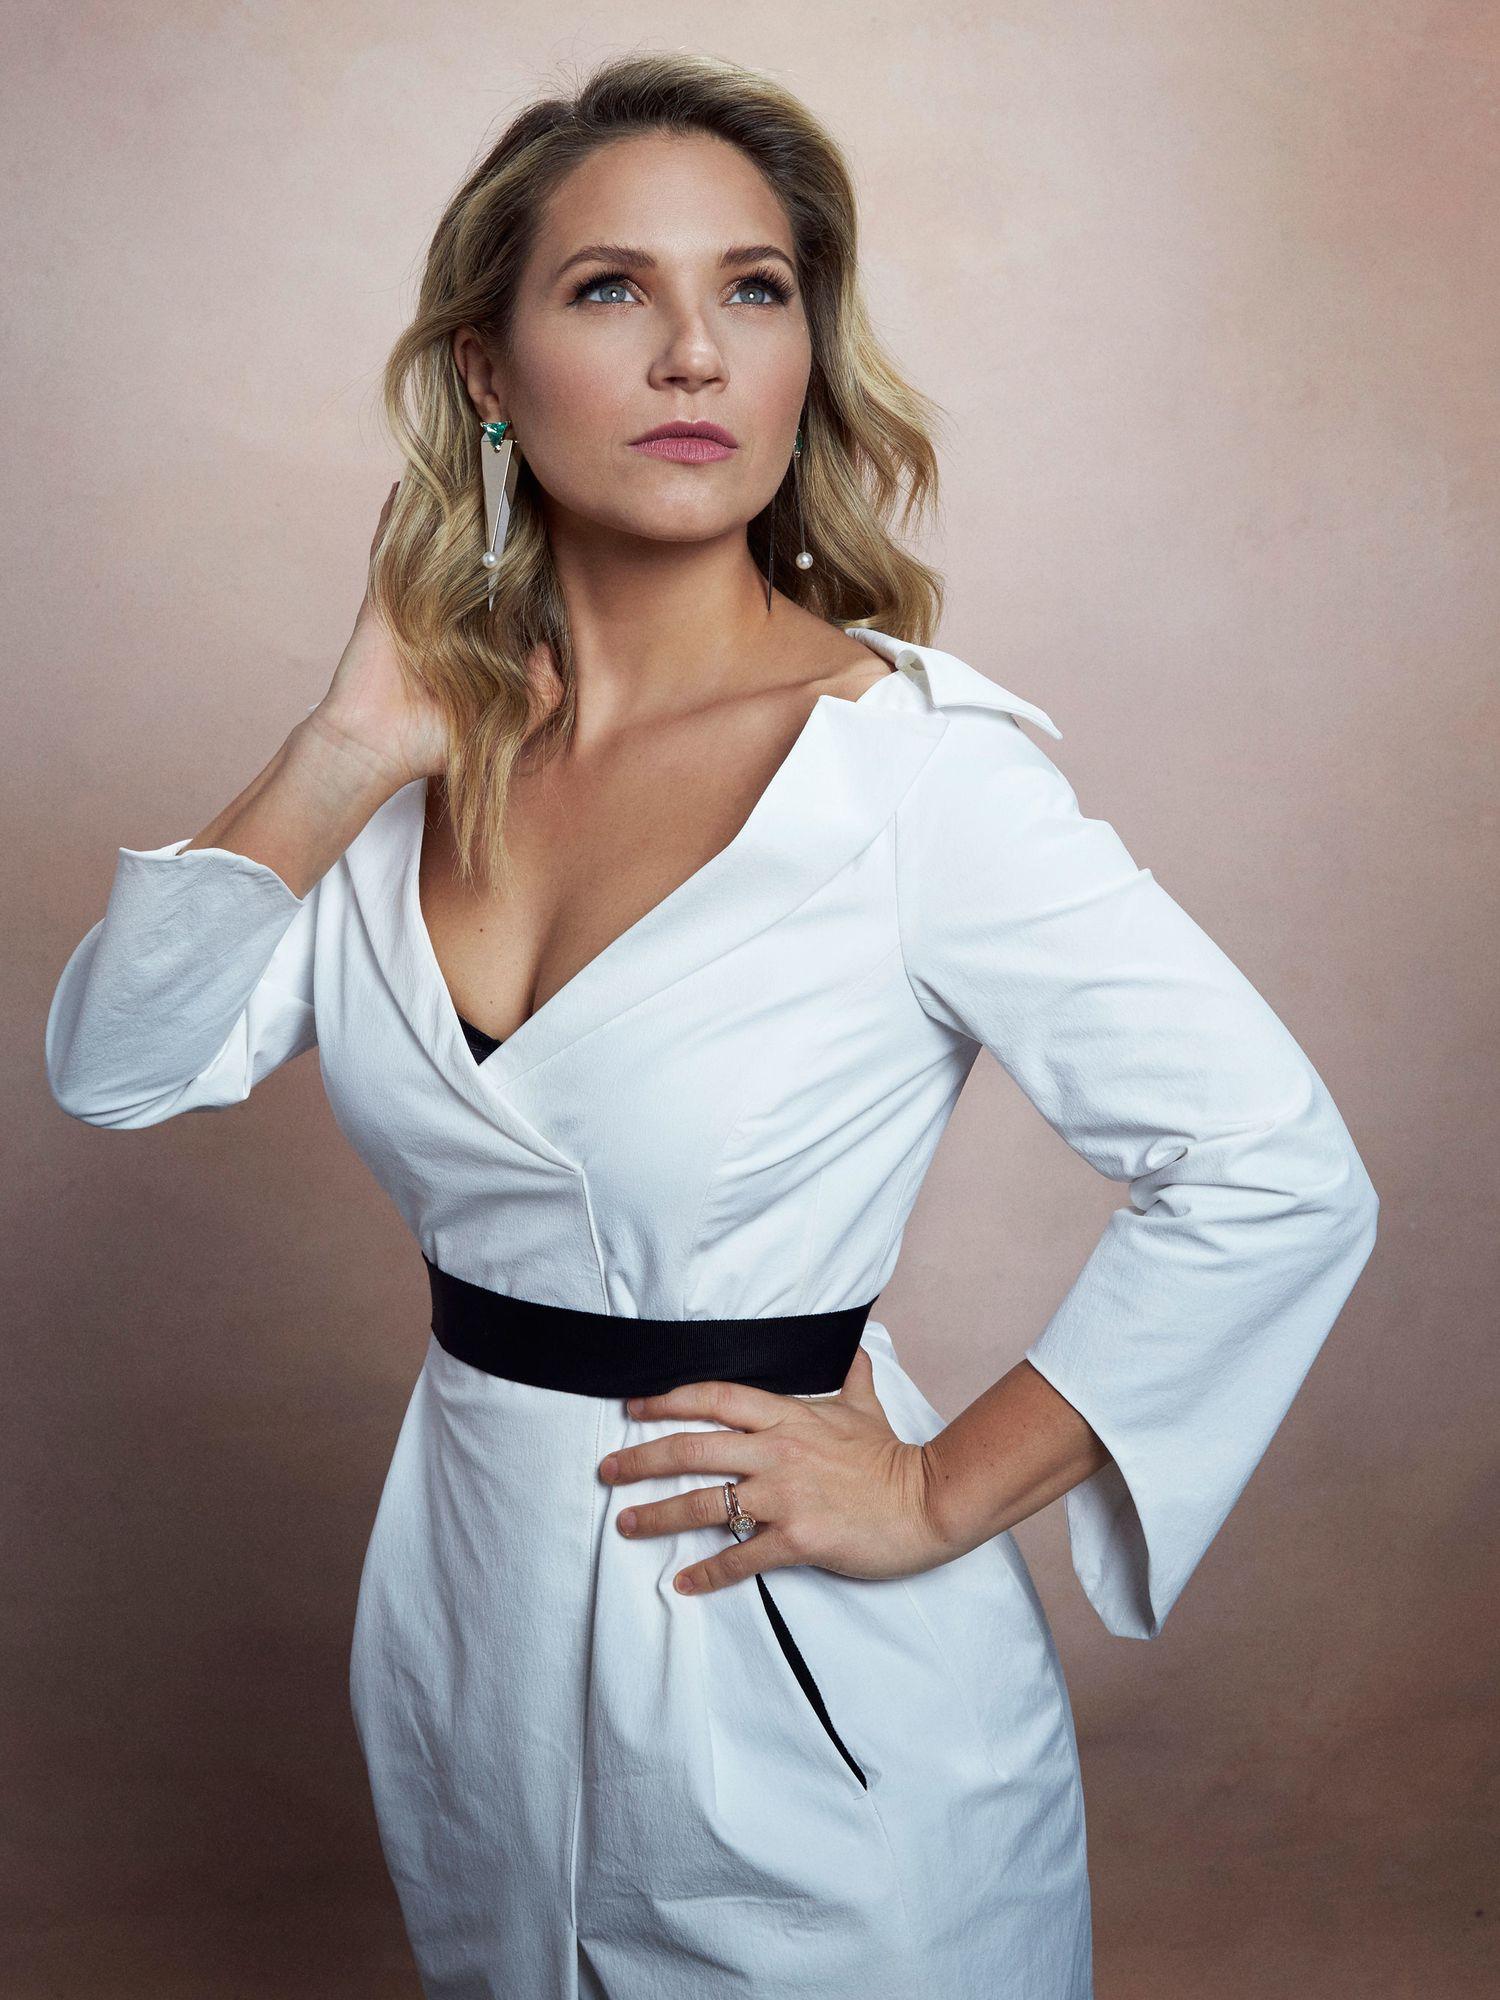 Vanessa Ray in white dress.